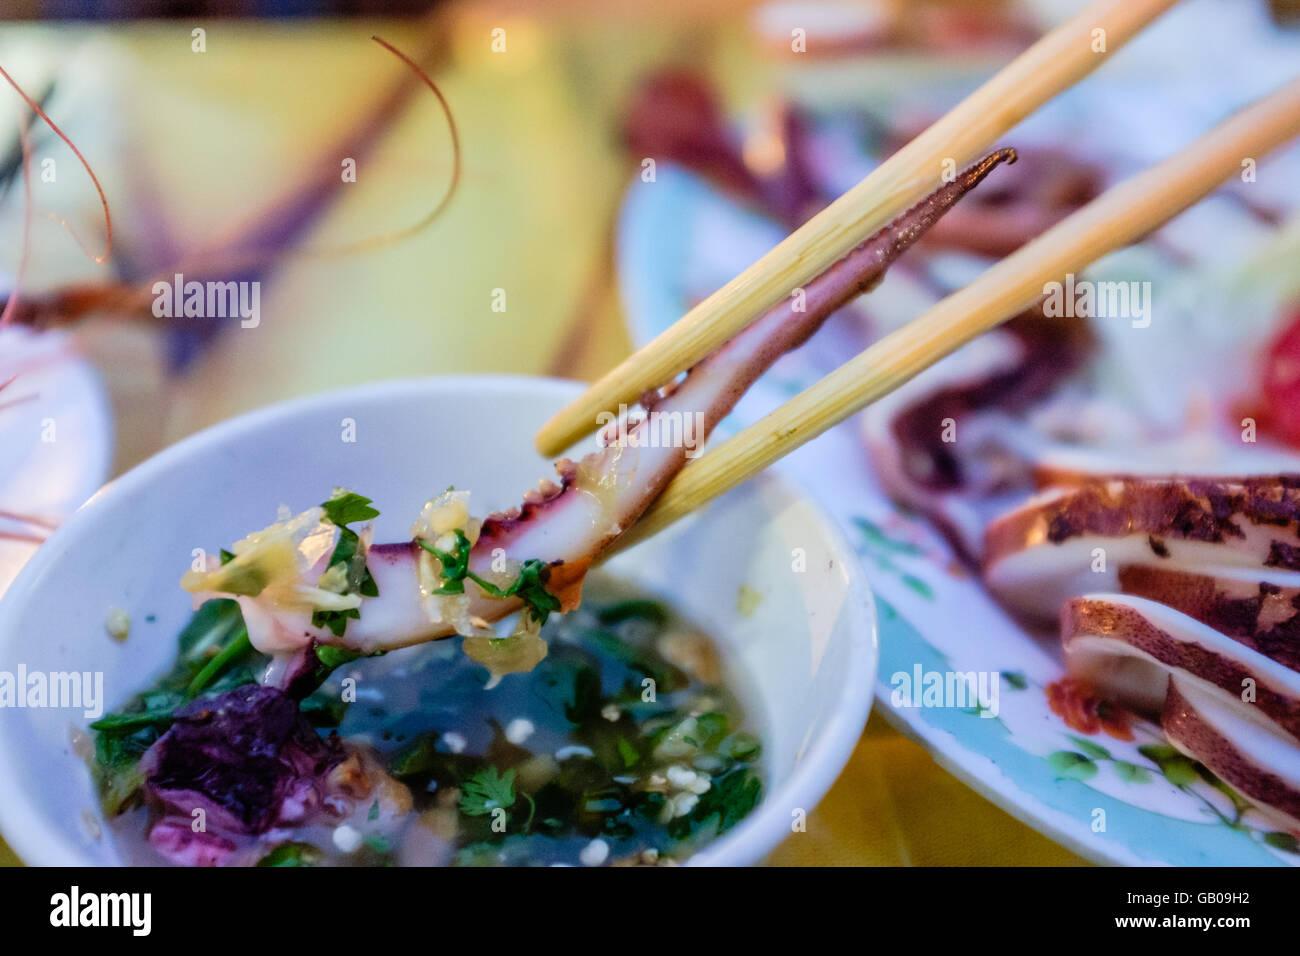 Lecker Platte von Holzkohle gegrillten Tintenfisch Tentakel in Soße. Stockbild